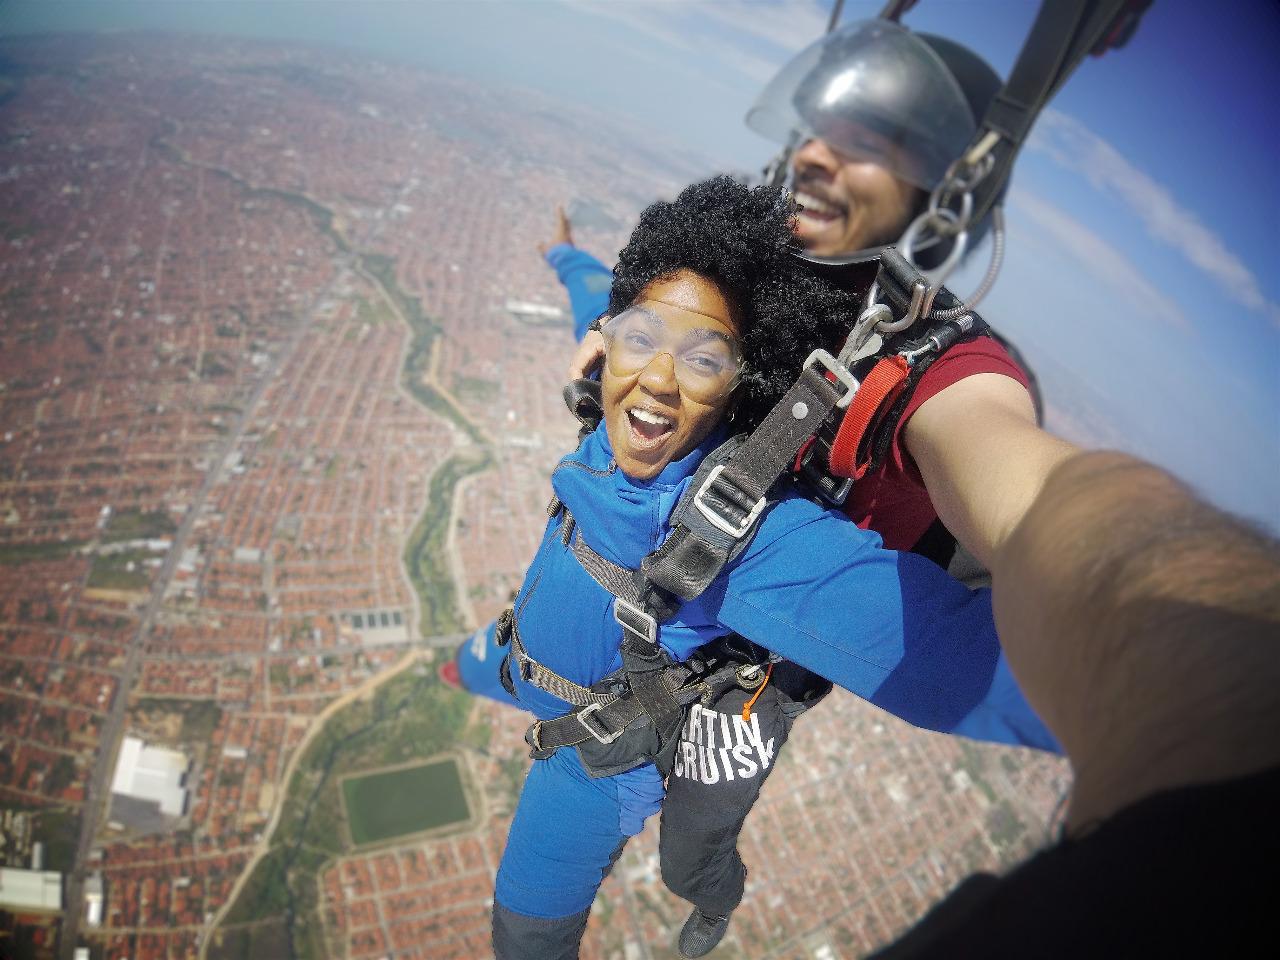 Evento oferece voos panorâmicos pela grande Natal e salto de paraquedas para os aventureiros